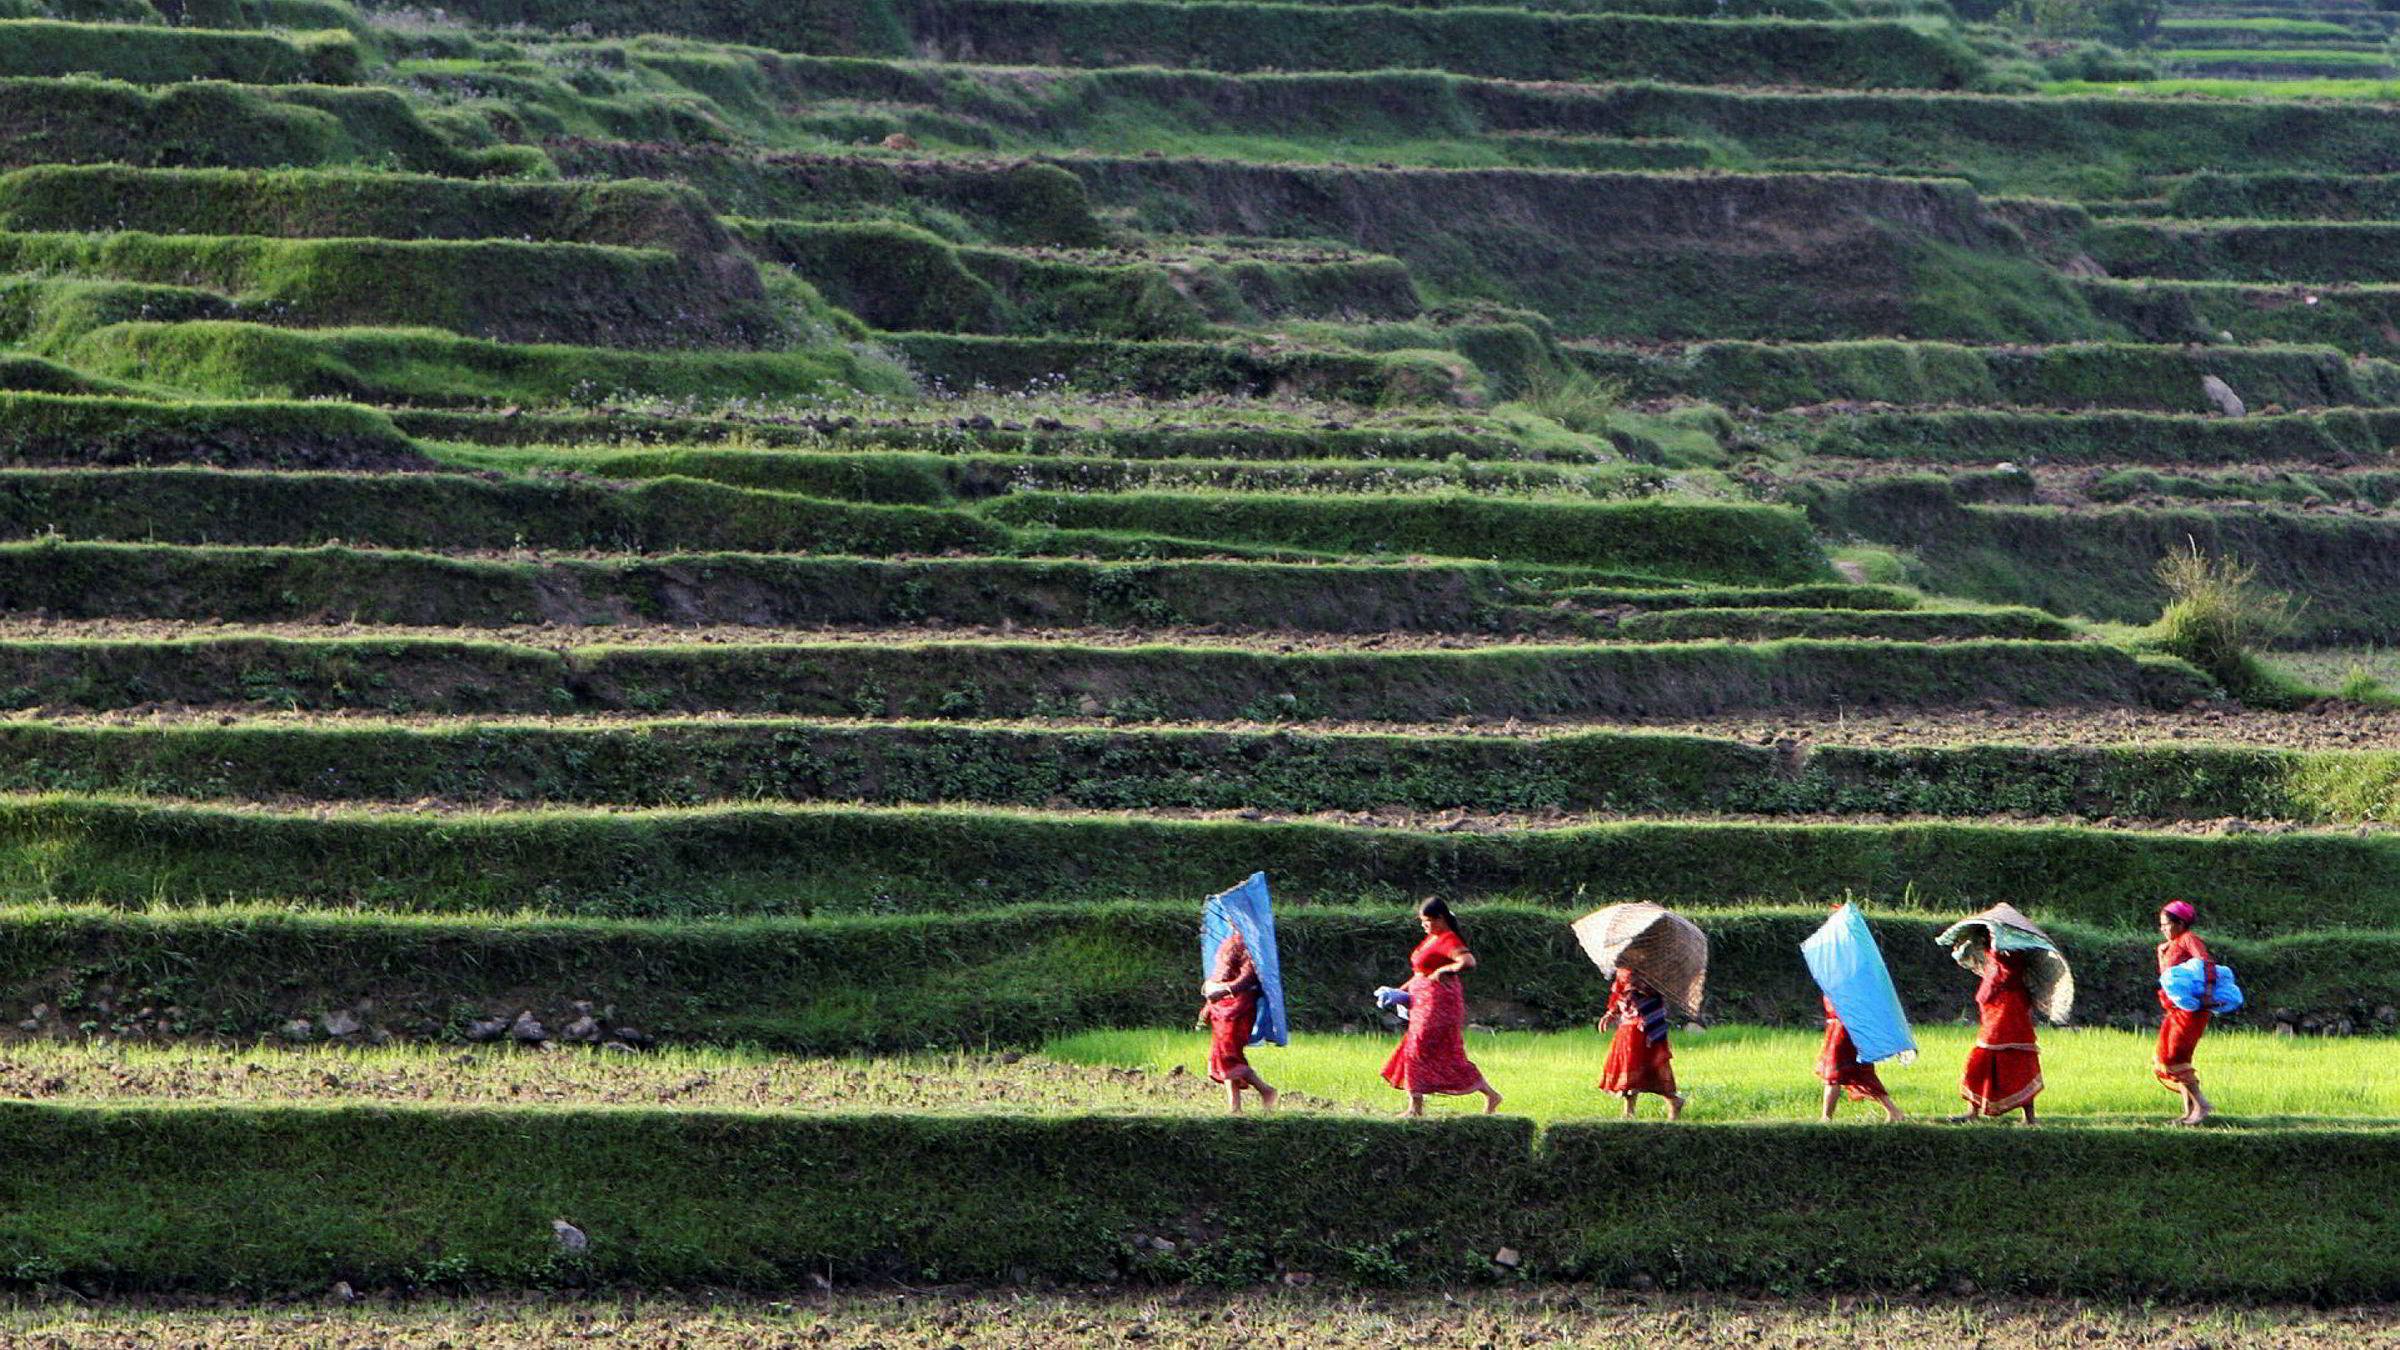 Å bekjempe fattigdom er hovedmålet for norsk utviklingspolitikk, og det er mange veier til dette målet. Ansvarlige investeringer fra næringslivet er blant annet viktig for å utvikle middelklasser og bidra til en formalisering av økonomien, noe som over tid også gagner de aller fattigste, skriver artikkelforfatteren. Her fra Nepal, ett av Norges satsingland for bistand.